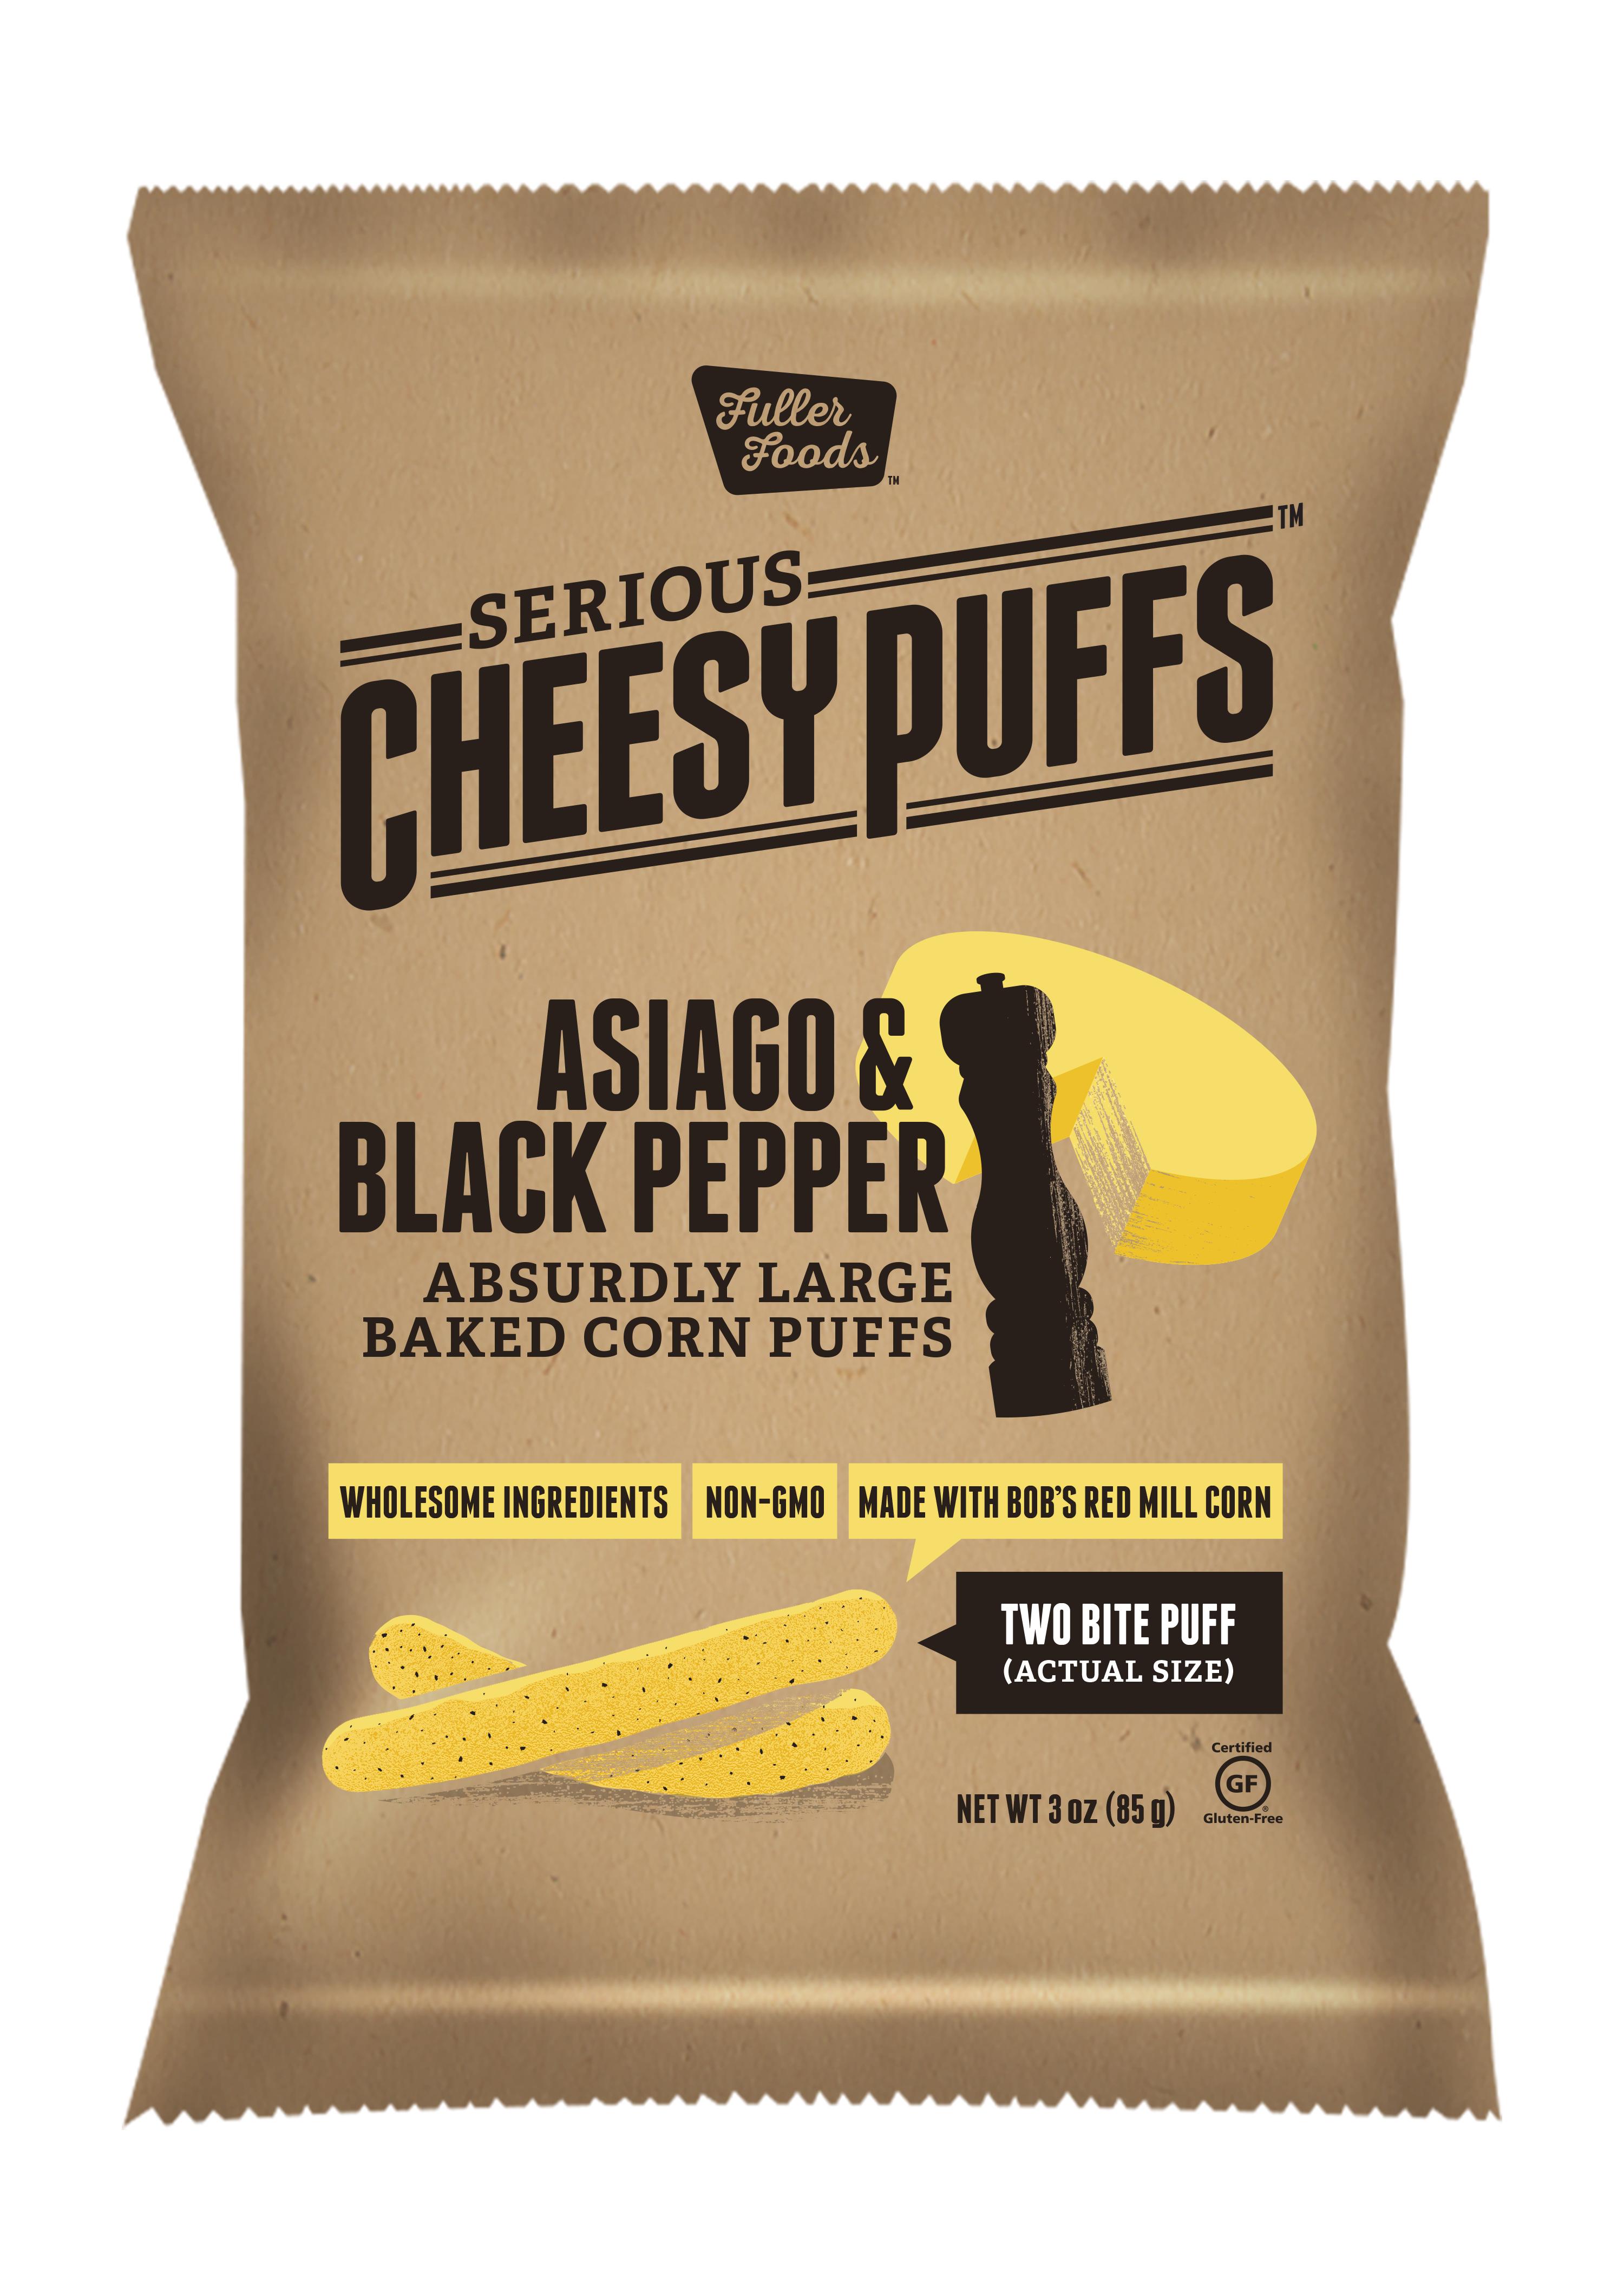 ASIAGO BLACK PEPPER CHEESE PUFFS